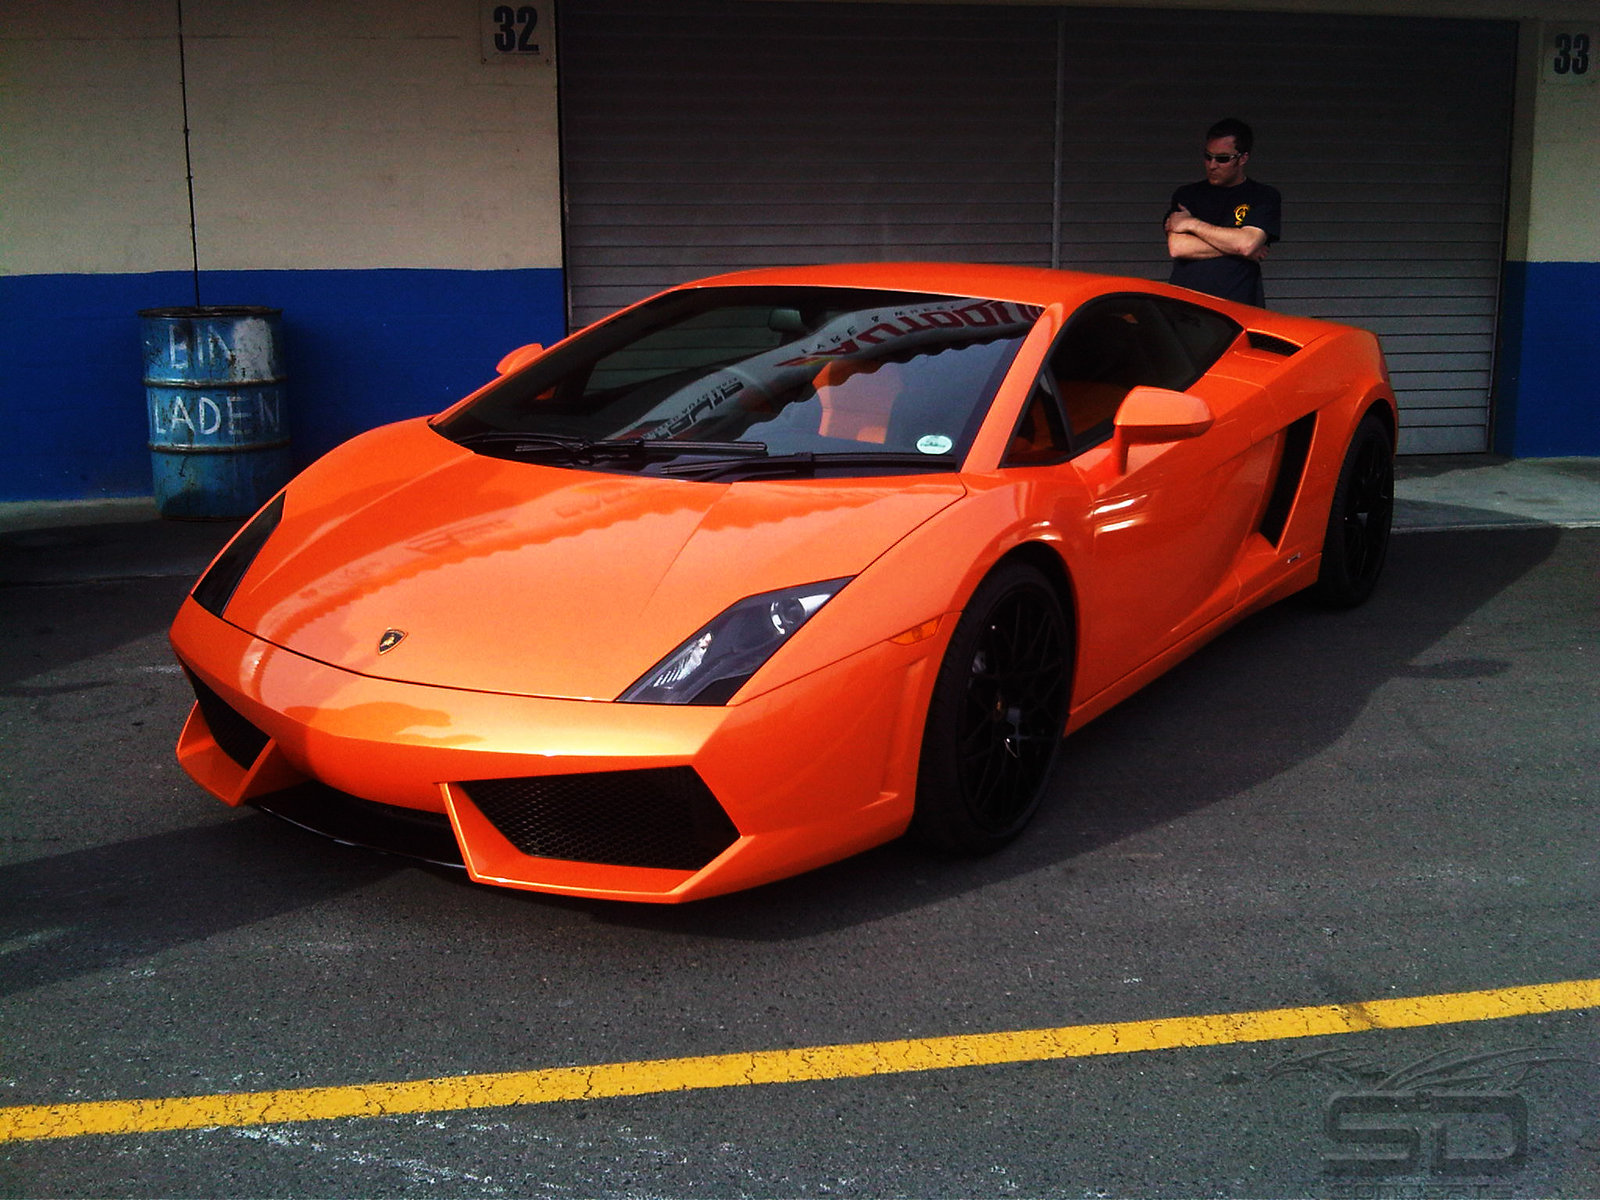 ... Lamborghini Gallardo LP560-4 by matkeevog